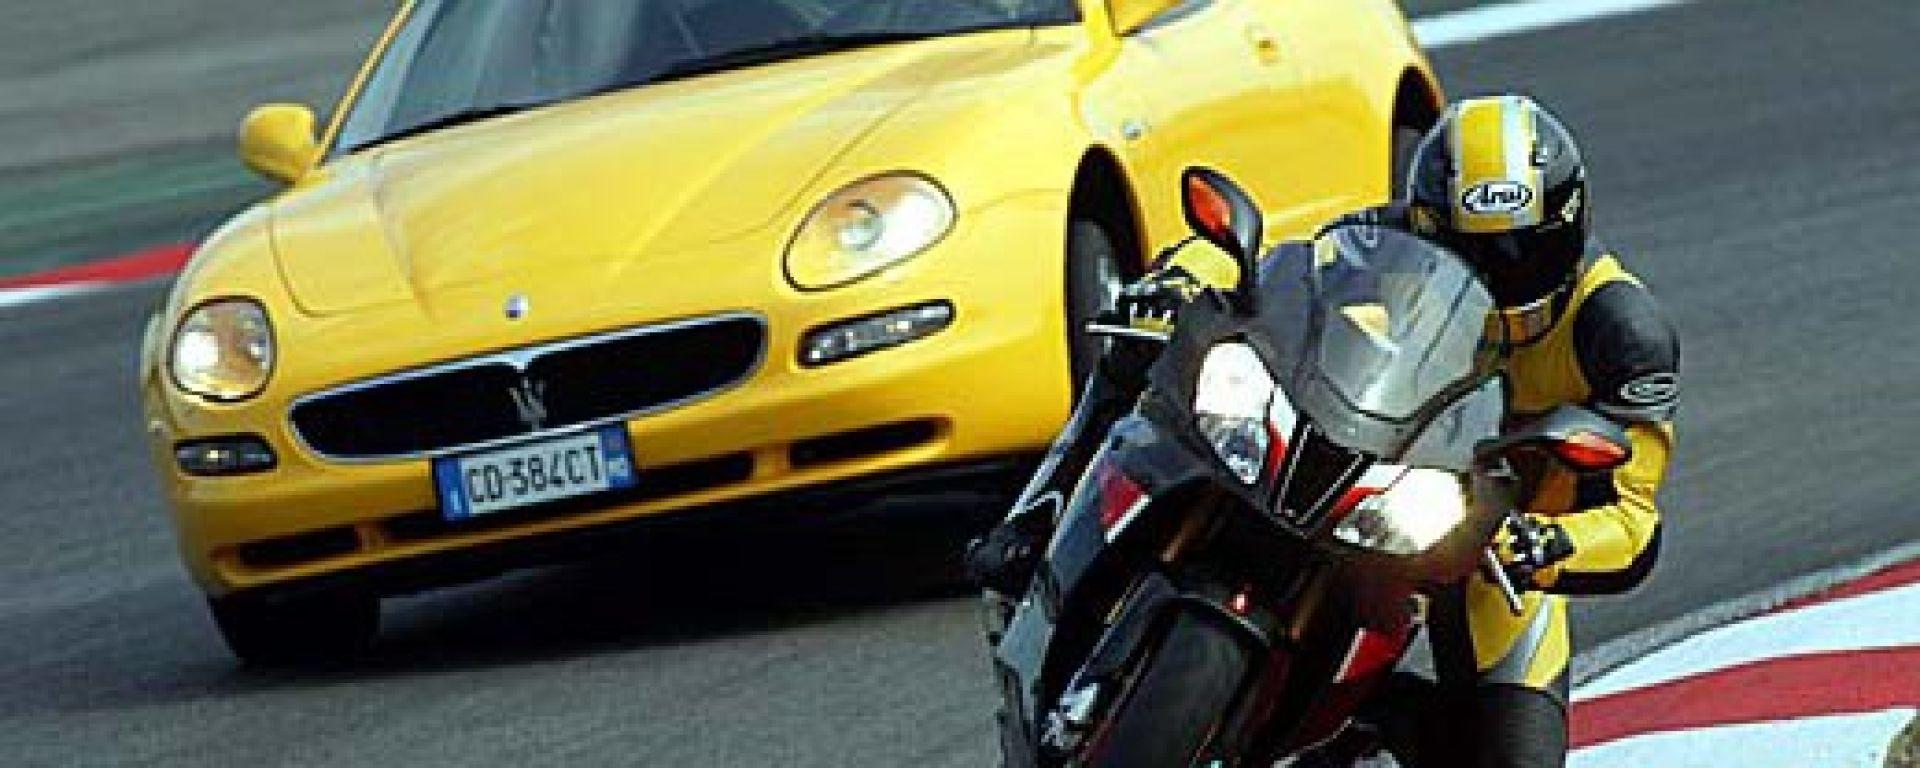 Maserati Coupè GT vs Aprilia RSV Nera